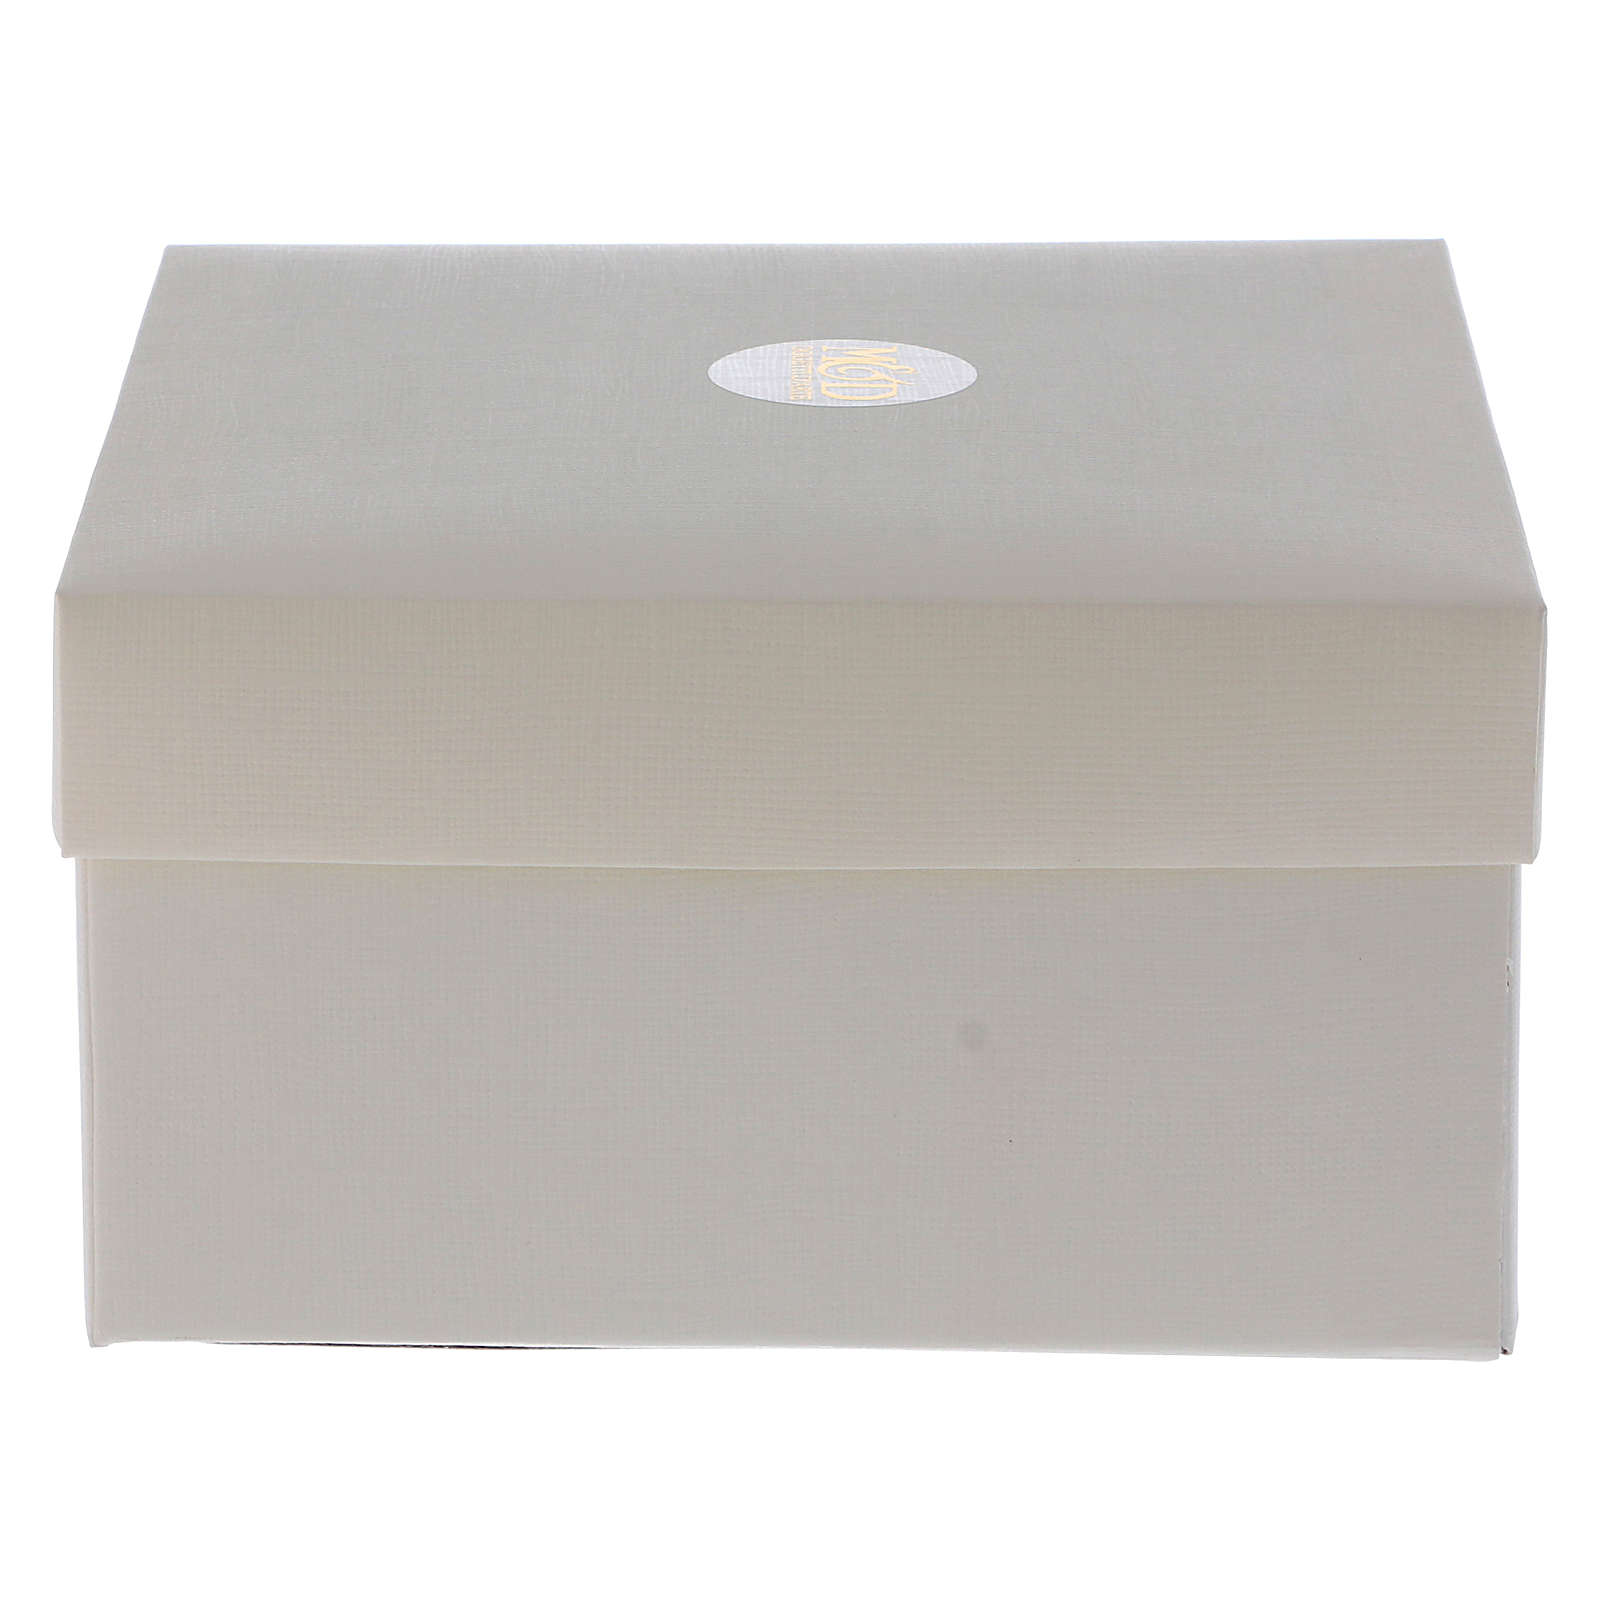 Bonbonnière religieuse boîte Maternité 5x5x5 cm 3